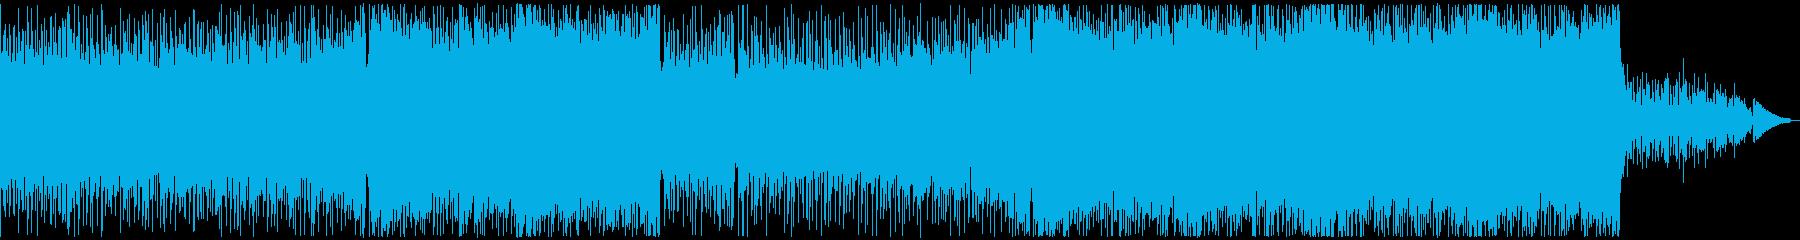 明るく可愛く楽しい雰囲気のポップなEDMの再生済みの波形